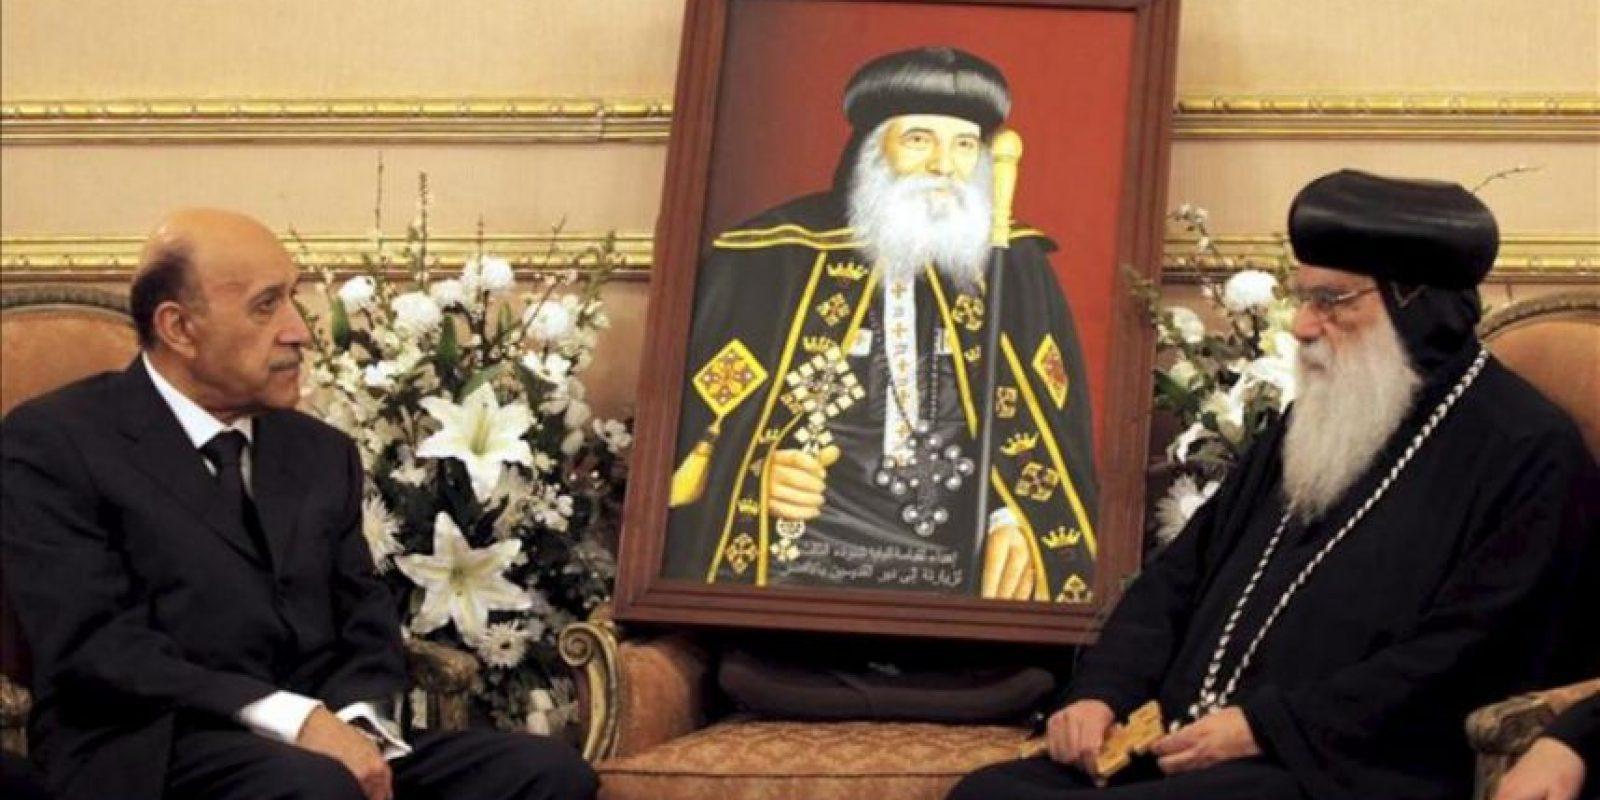 El candidato presidencial egipcio Omar Suleiman (i) durante una entrevista con el obispo de la iglesia copta de Egipto, Bakhomious, con ocasión de la víspera de la celebración de la Pascua de la iglesia copta hoy en El Cairo. EFE